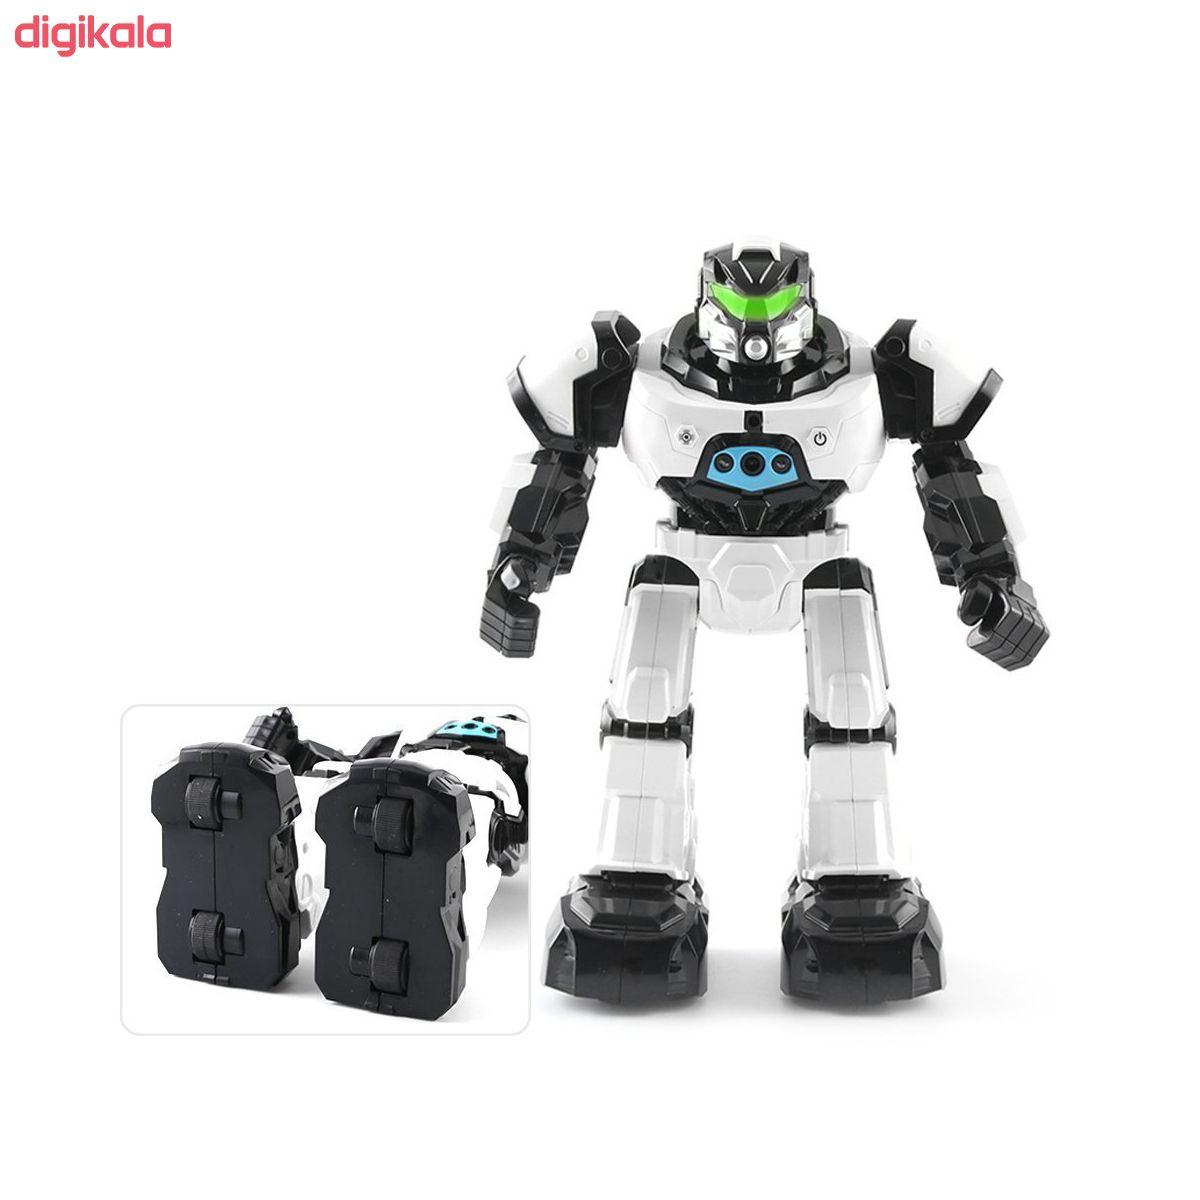 اسباب بازی مدل ربات کد 2021 main 1 3